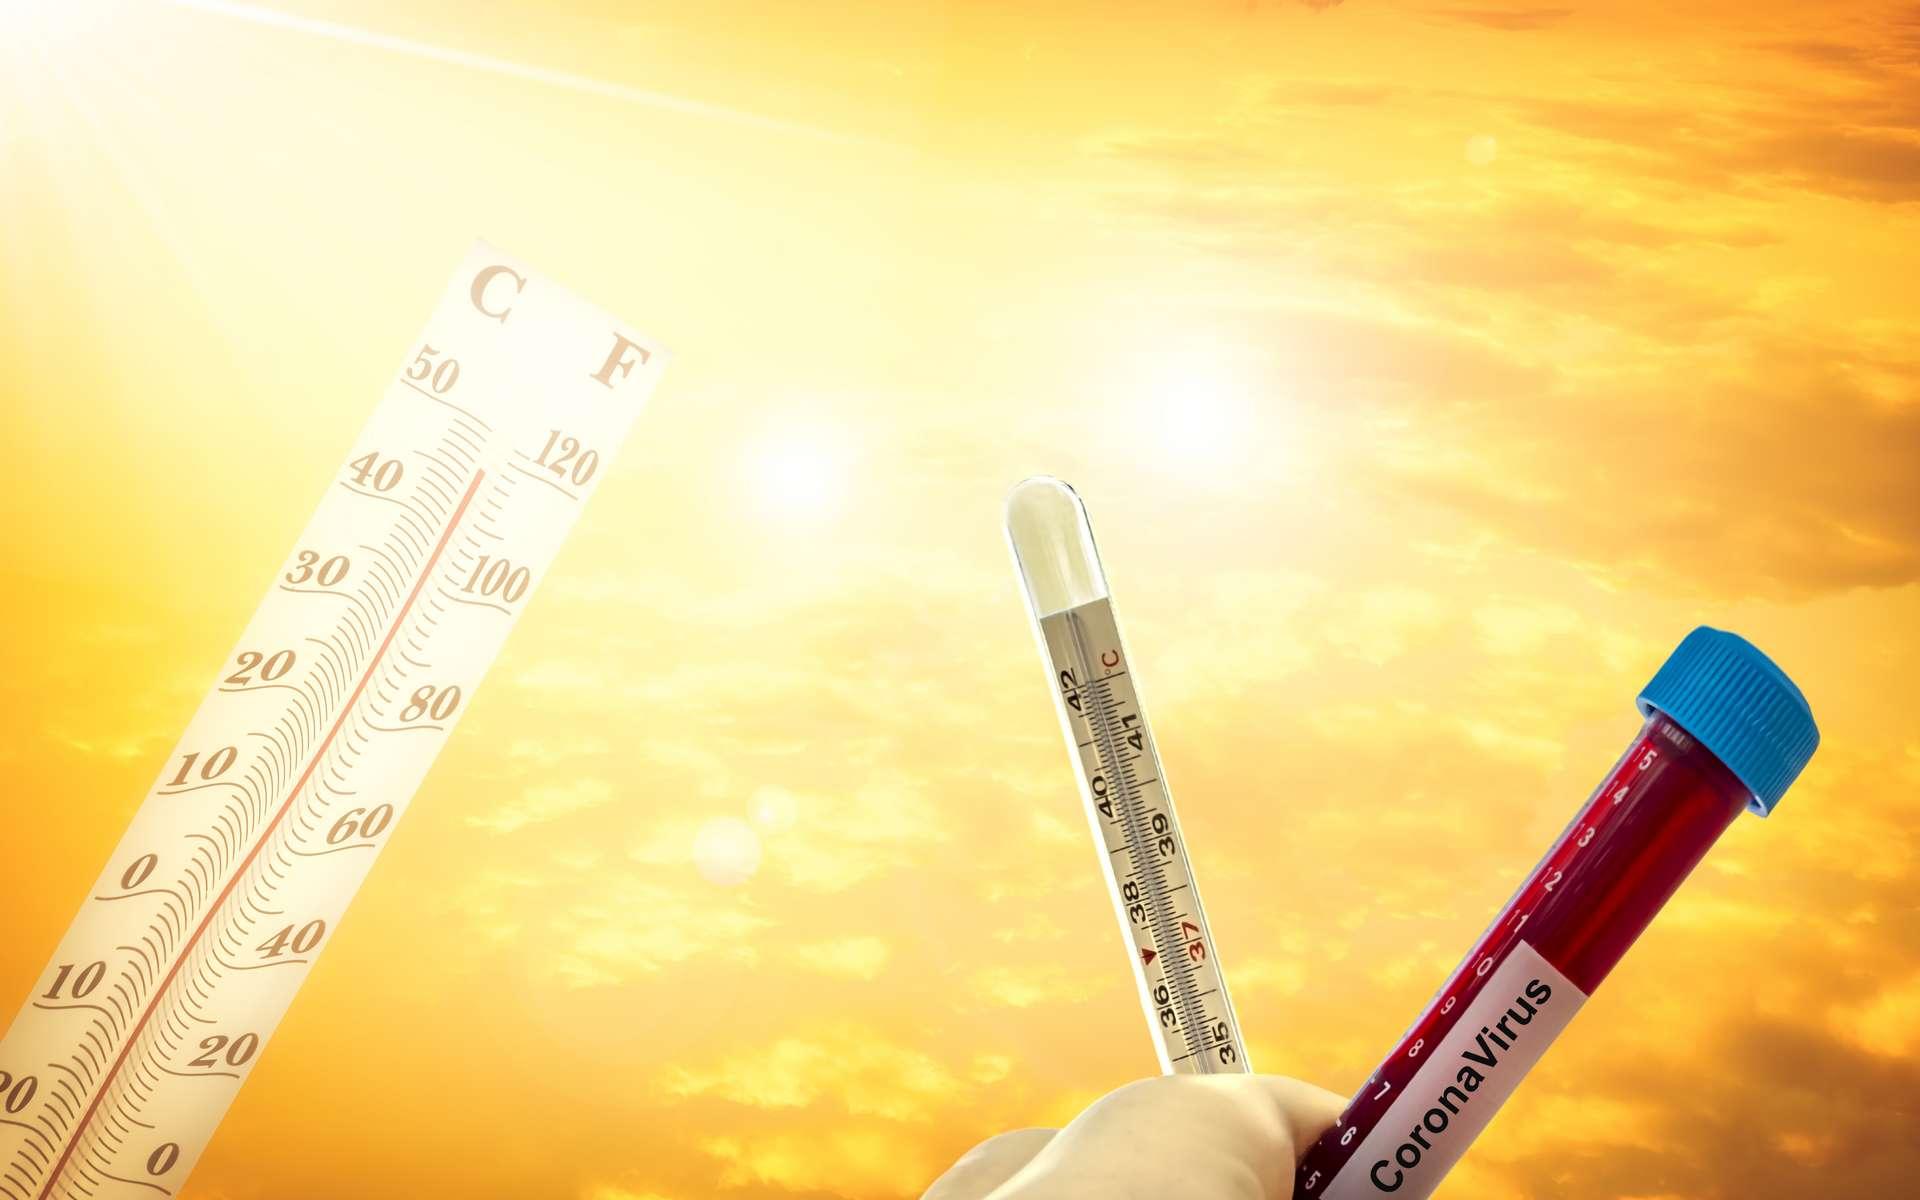 Que faut-il faire pour lutter contre le changement climatique et les futures pandémies ? © sergei_fish13, Adobe Stock